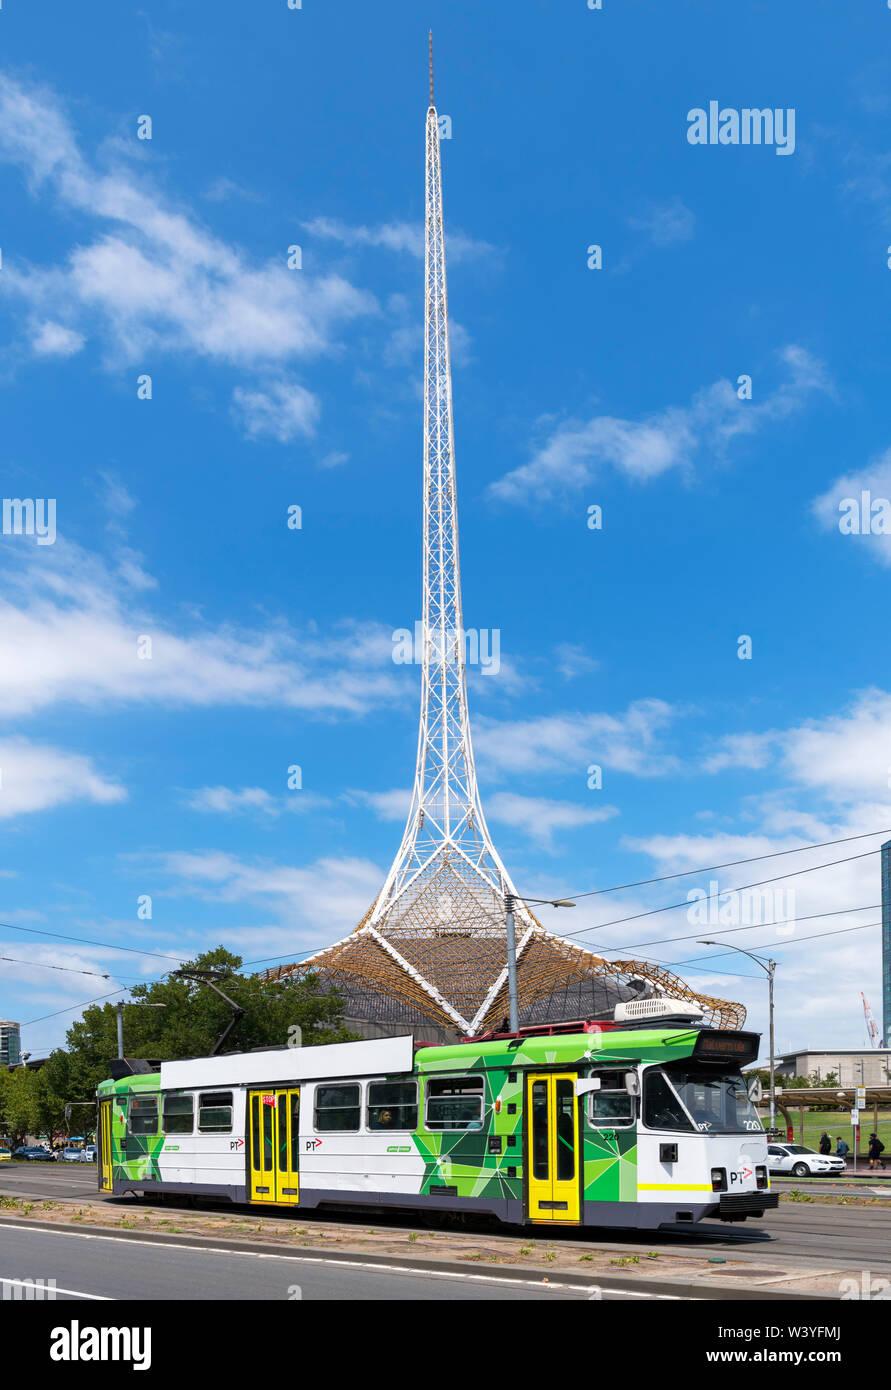 Tramway de Melbourne avec la spirre de l'État derrière le théâtre, St Kilda Rd, Melbourne, Victoria, Australie Banque D'Images